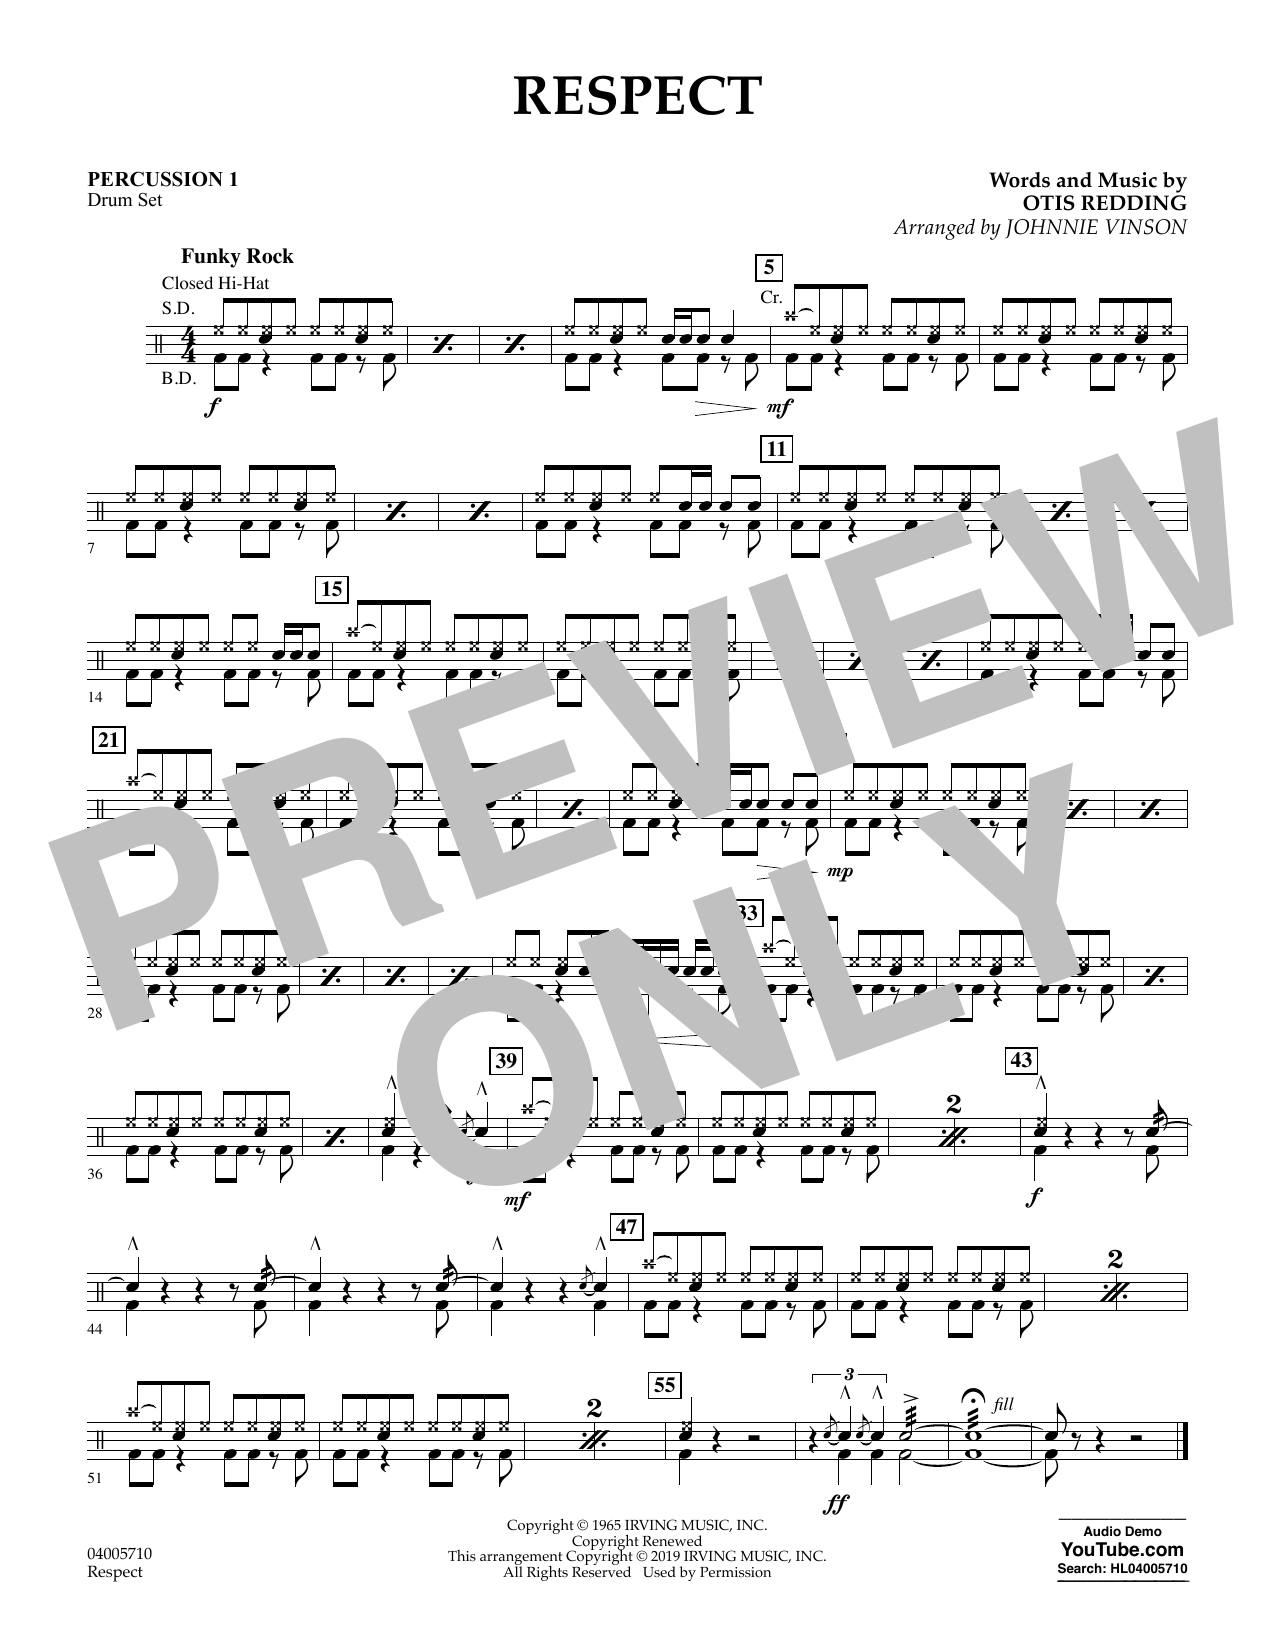 Respect (arr. Johnnie Vinson) - Percussion 1 (Flex-Band)